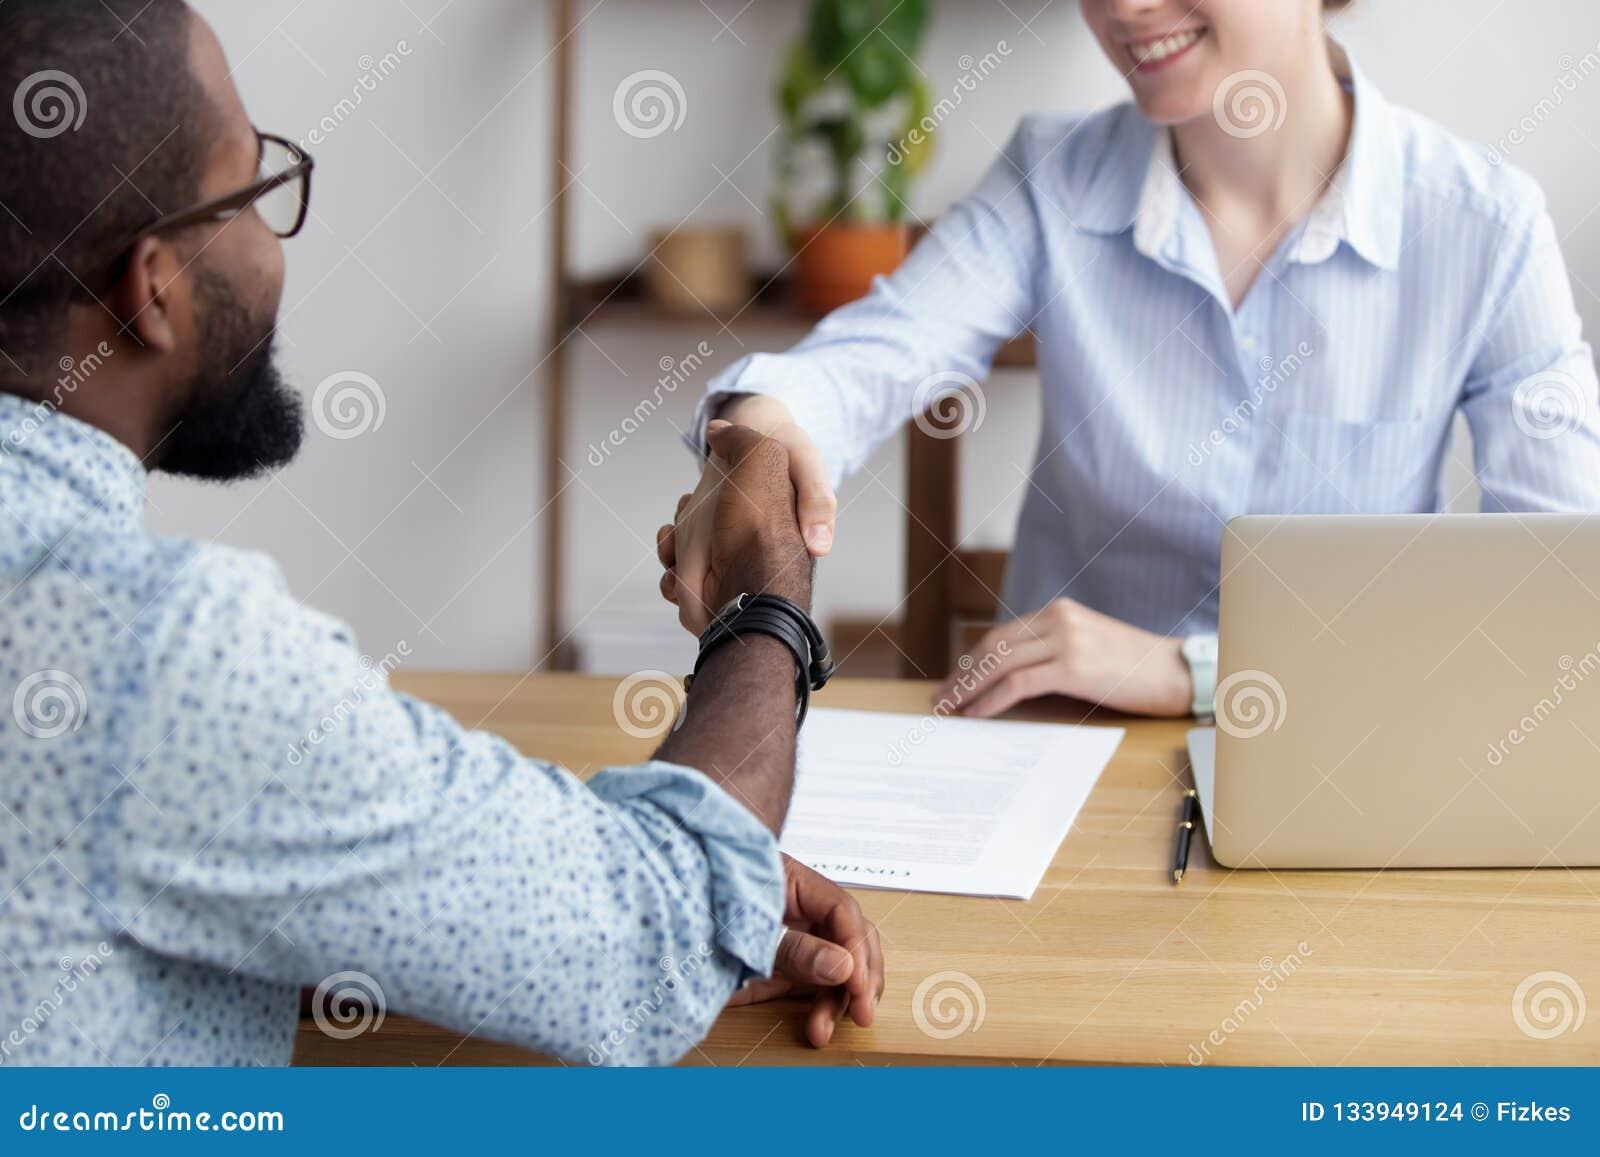 Διαφορετικοί επιχειρηματίες που τινάζουν τα χέρια που χαιρετούν το ένα το άλλο